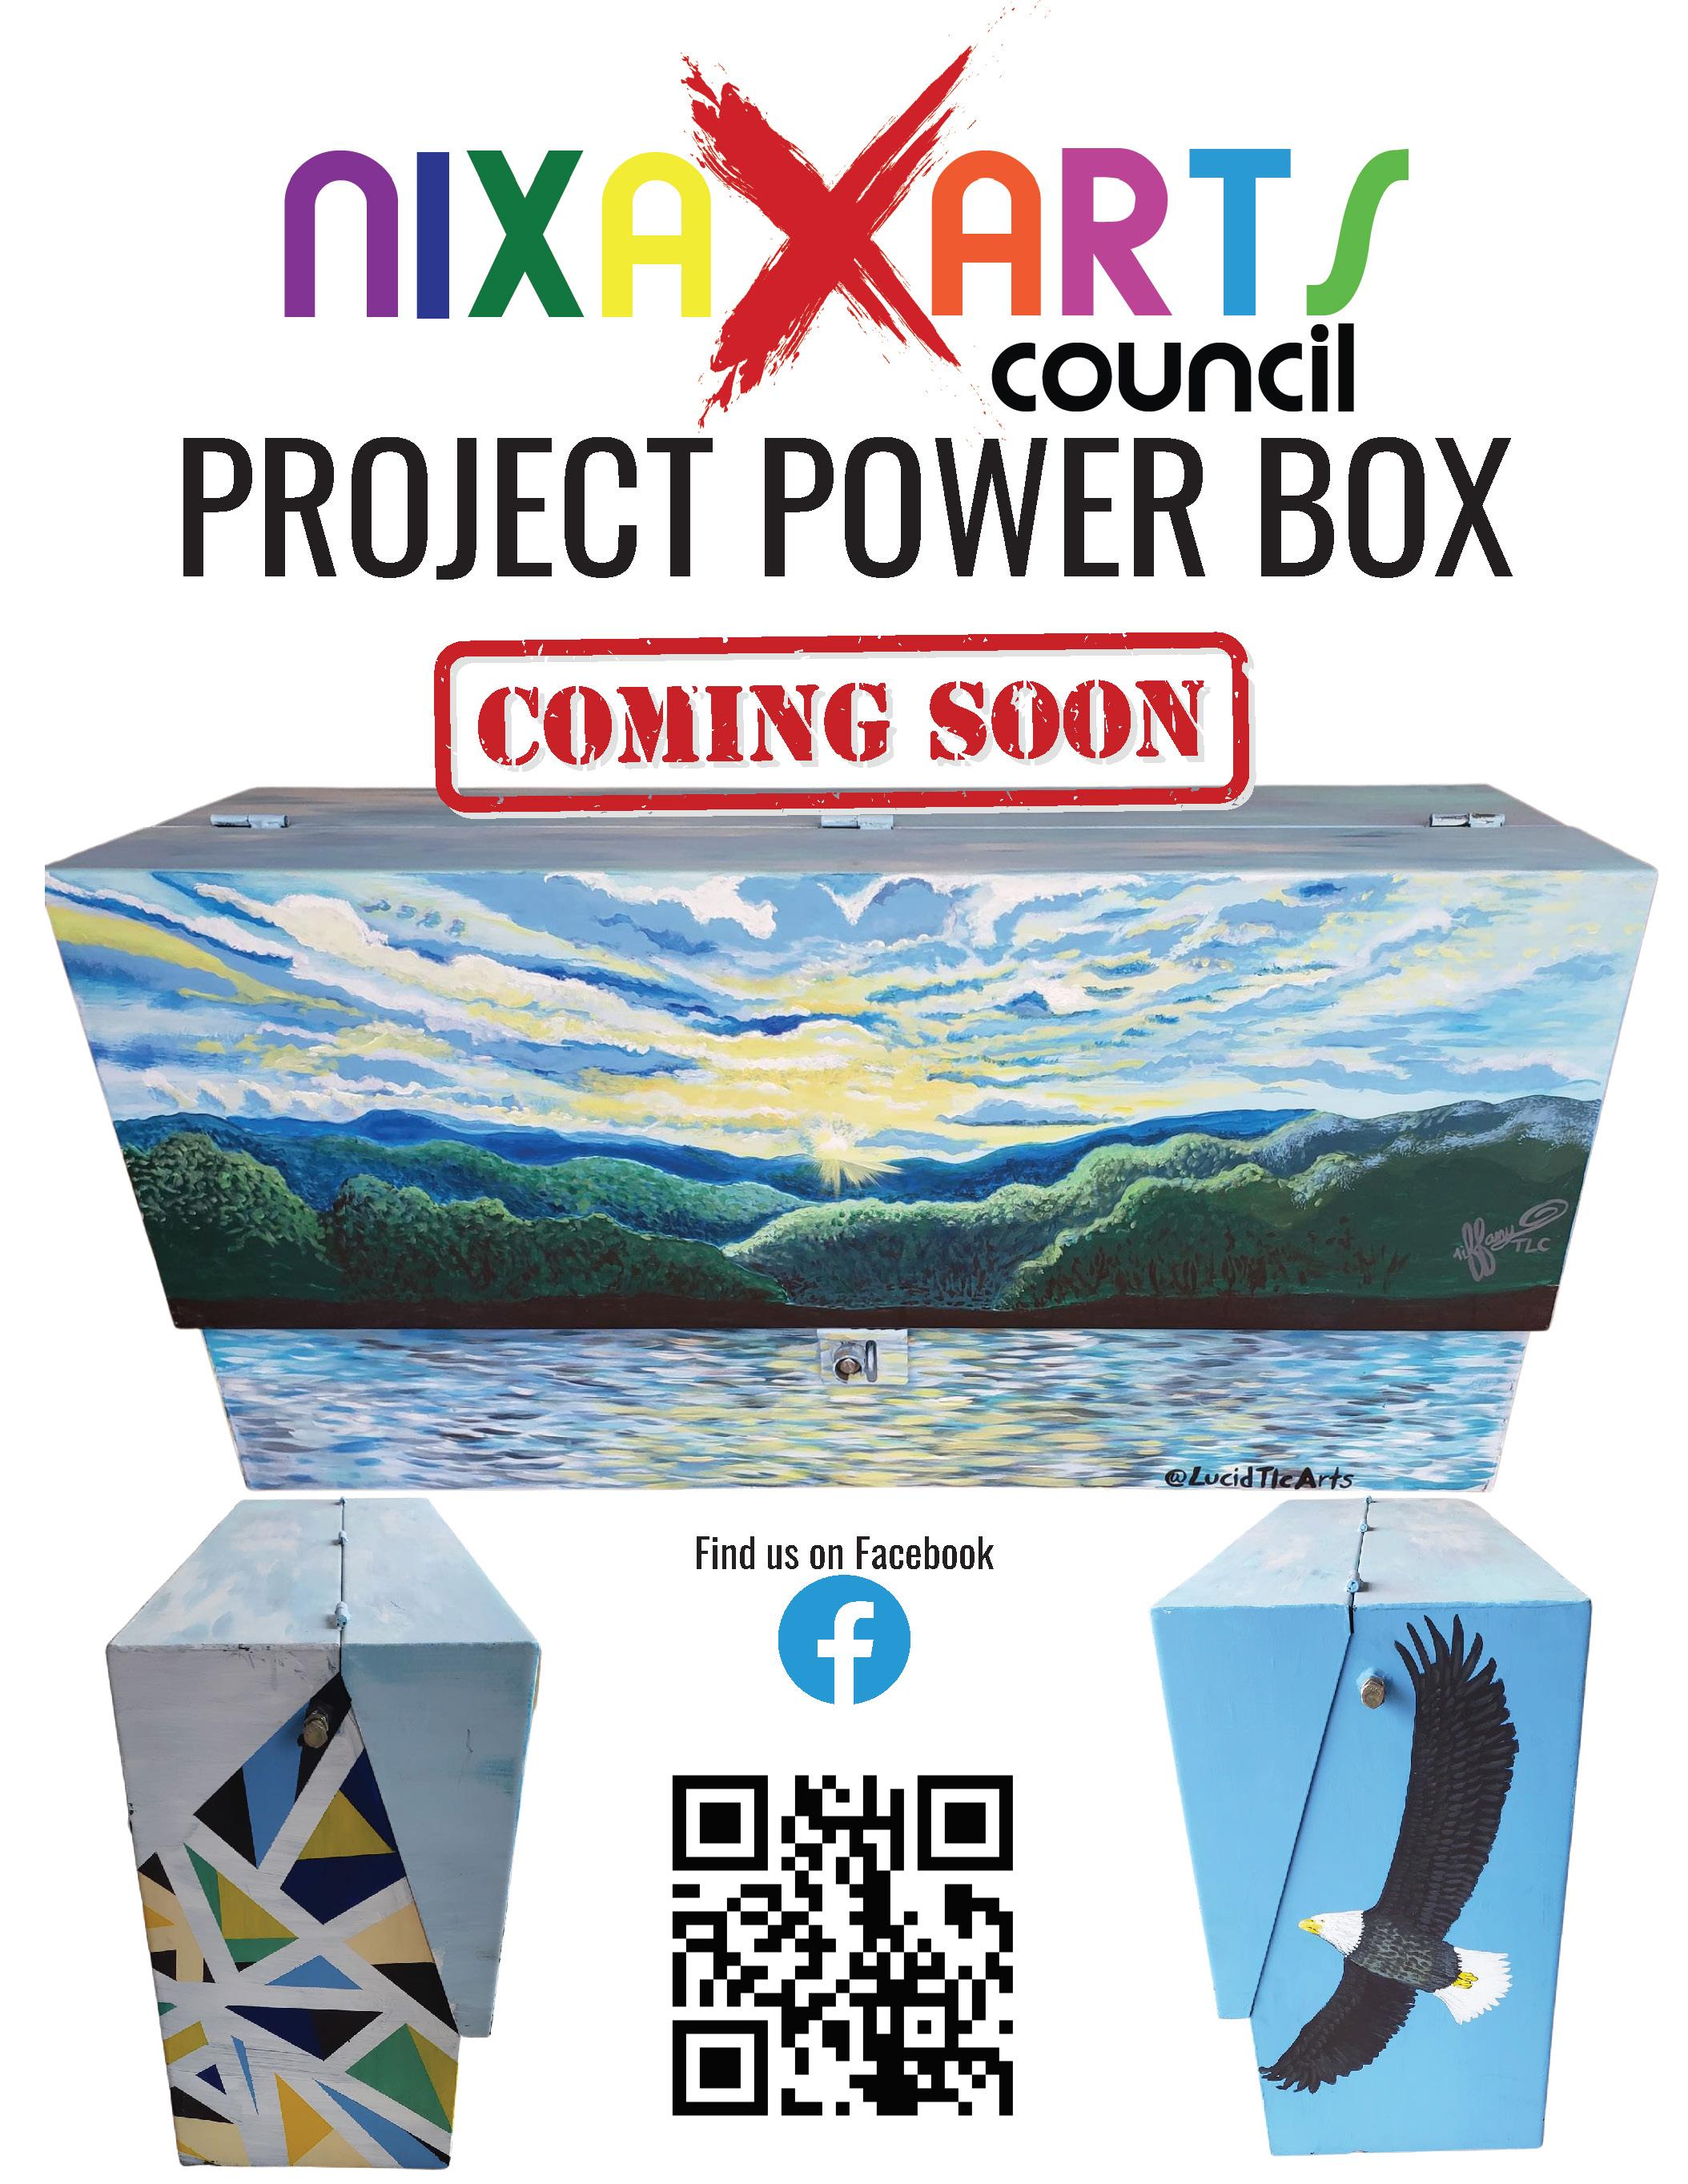 NIXA ARTS COUNCIL NIXPO FLYER PPBOX